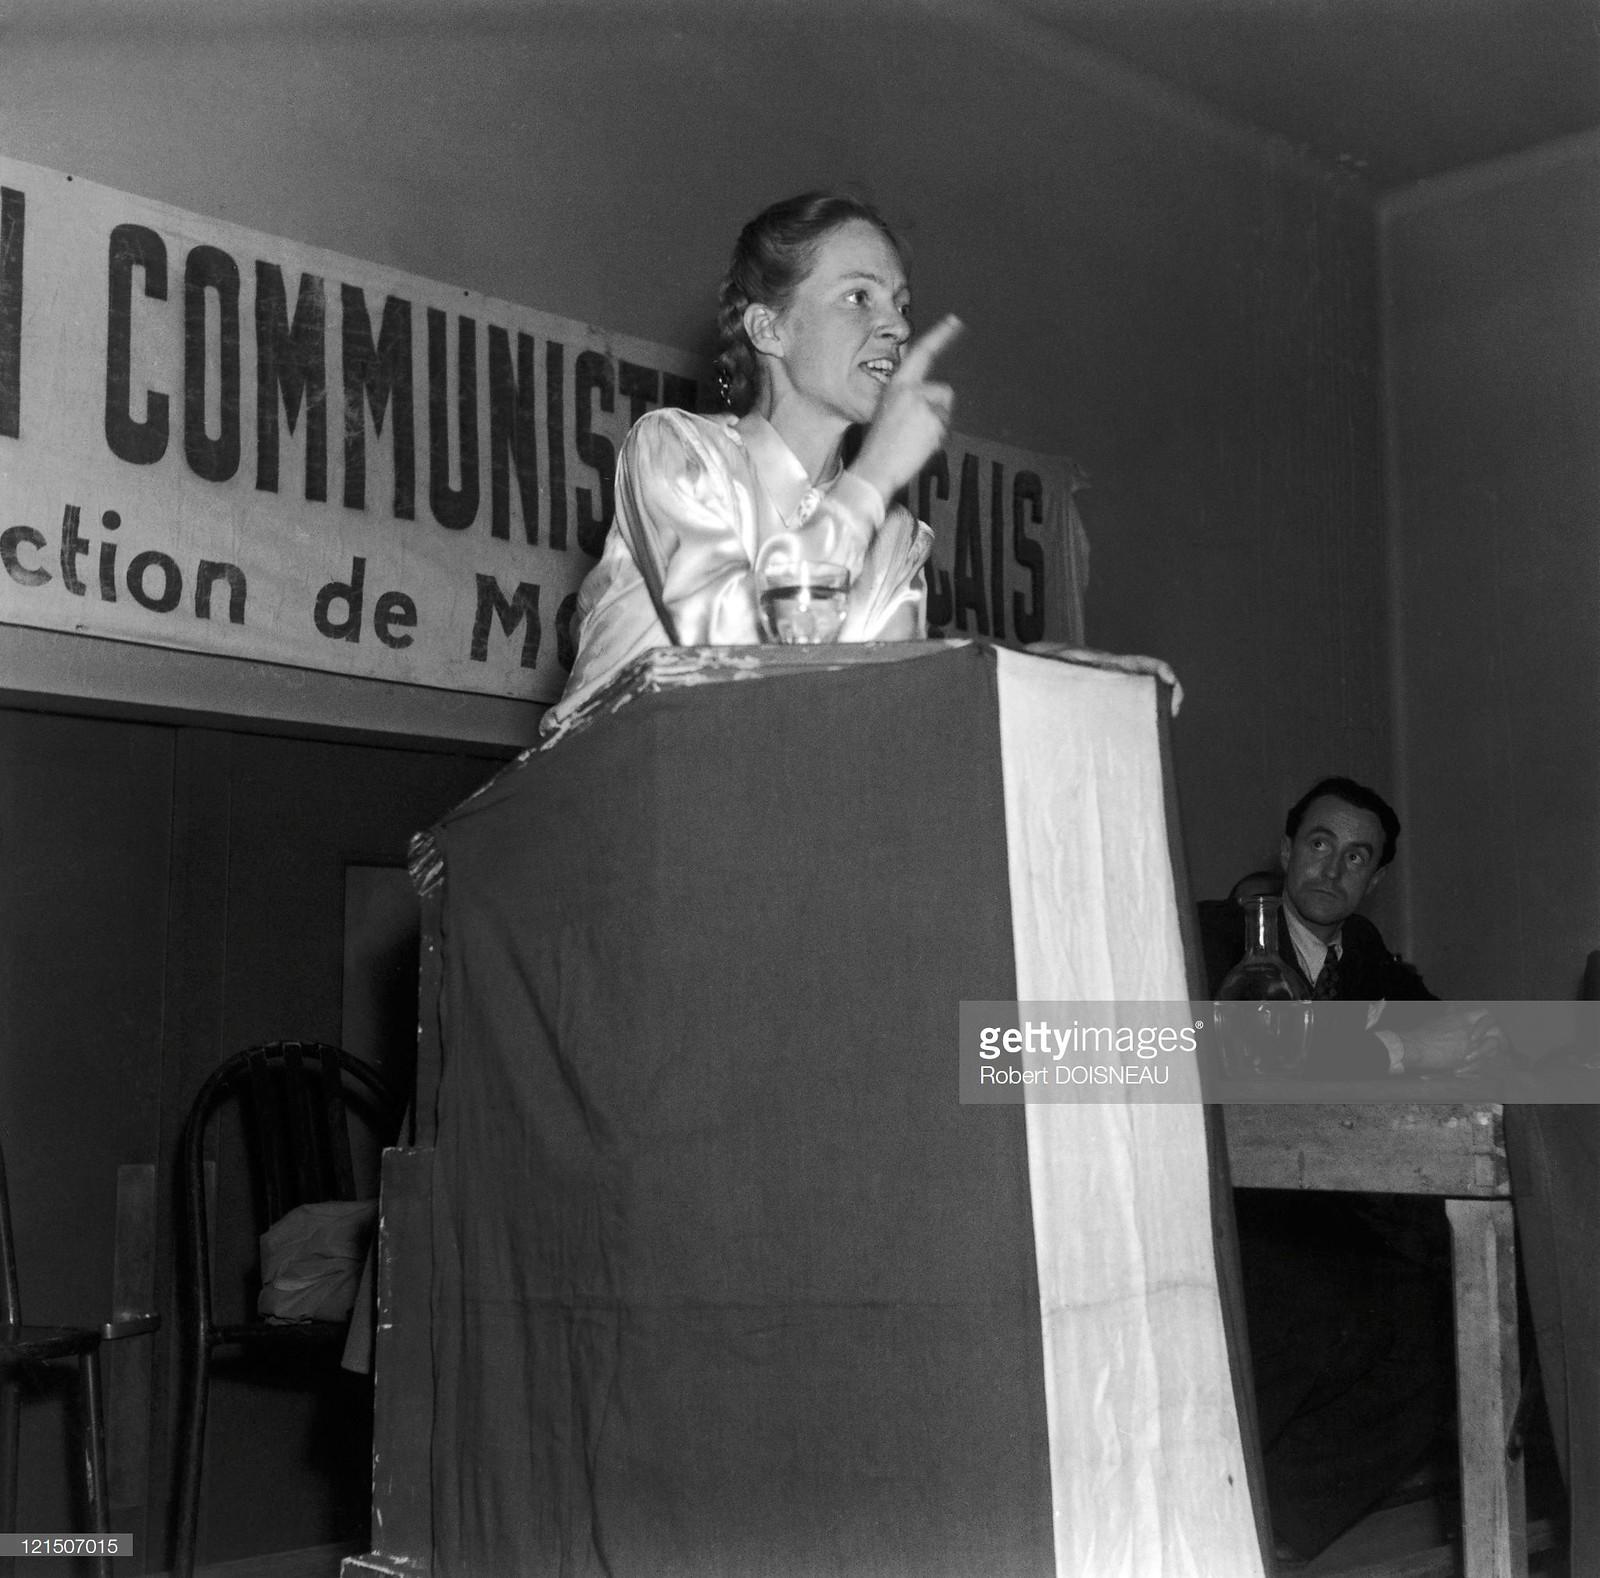 1950. Мари Клод Вайян-Кутюрье — французский политик, деятель Международного демократического женского движения, генеральный секретарь Международной демократической федерации женщин в 1945—1954